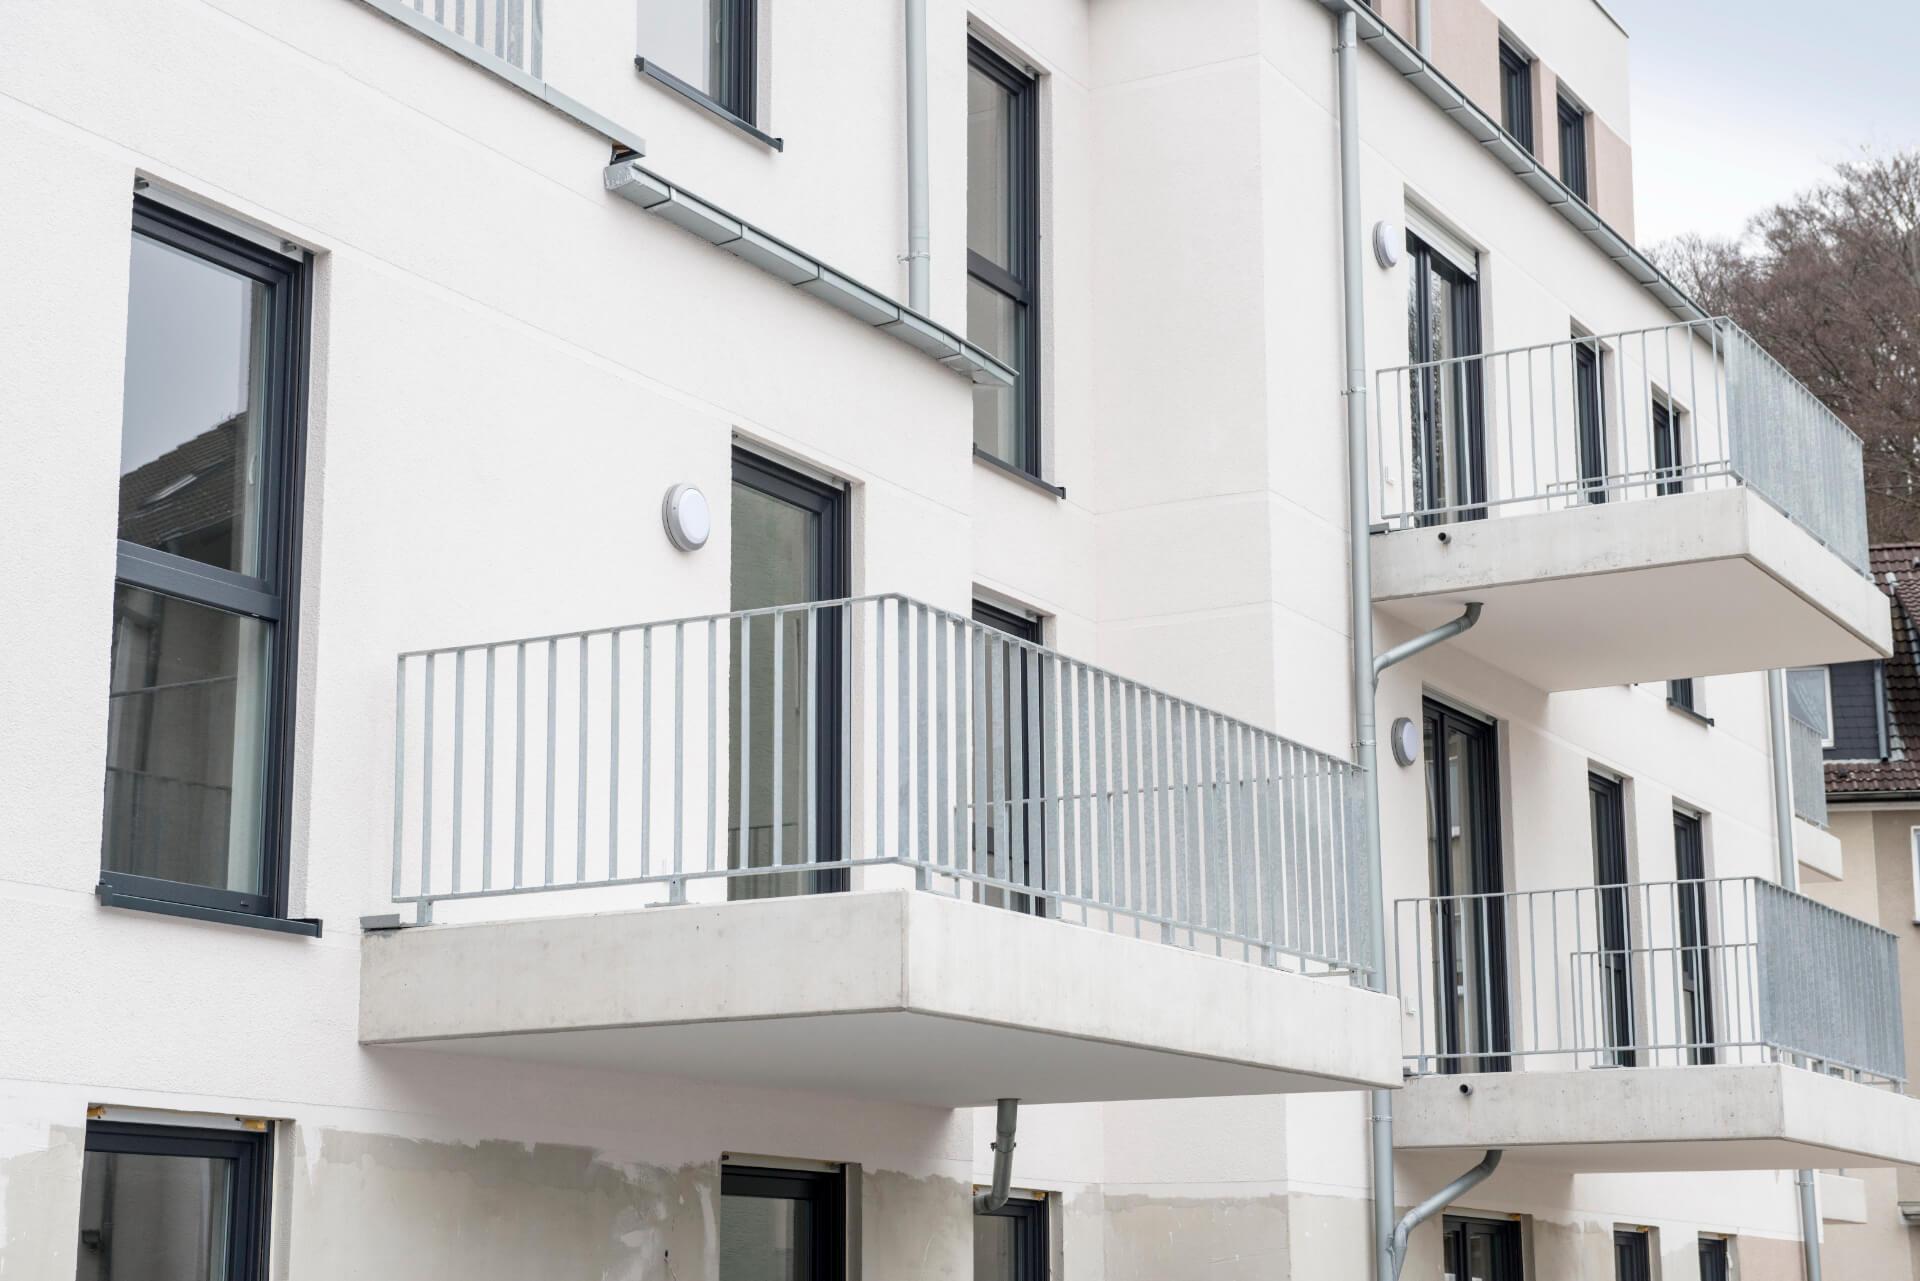 Neubau Mehrfamilienhaus Kupferdreher Str. 260 / Möllneyer Ufer 15, Foto: Stefan Kuhn